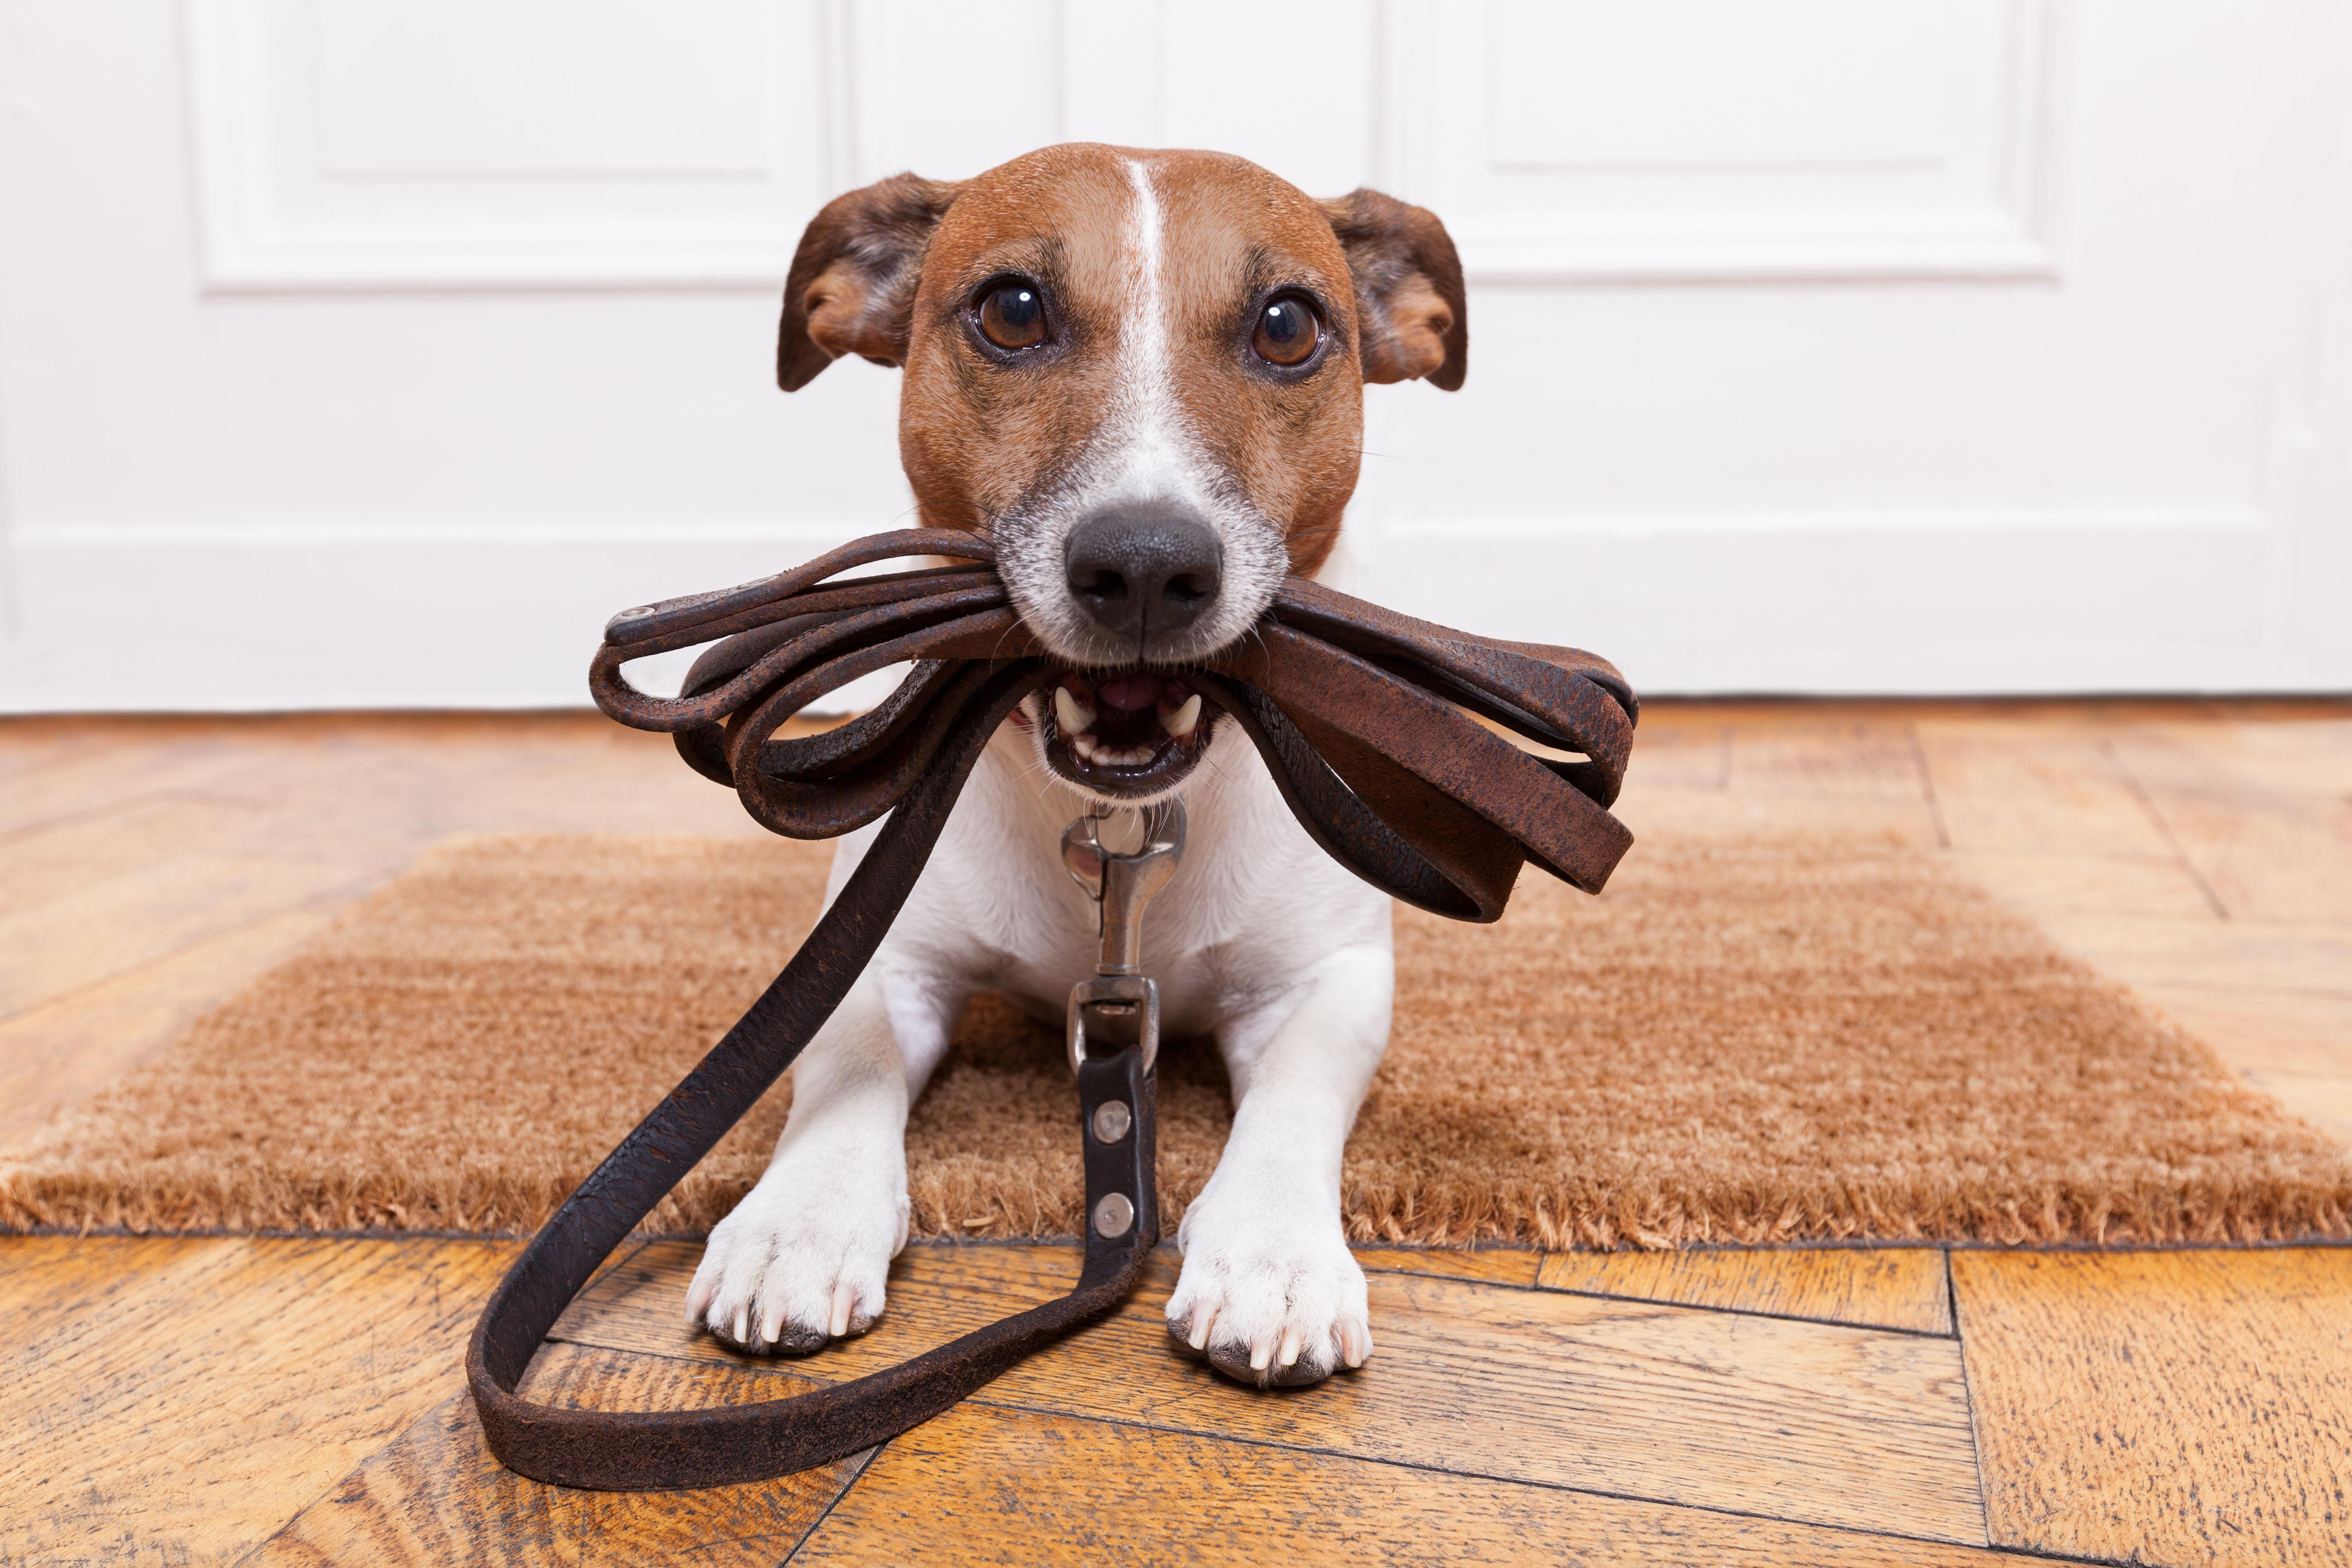 σκύλος βόλτα συμβουλές σκύλος βόλτα Σκύλος